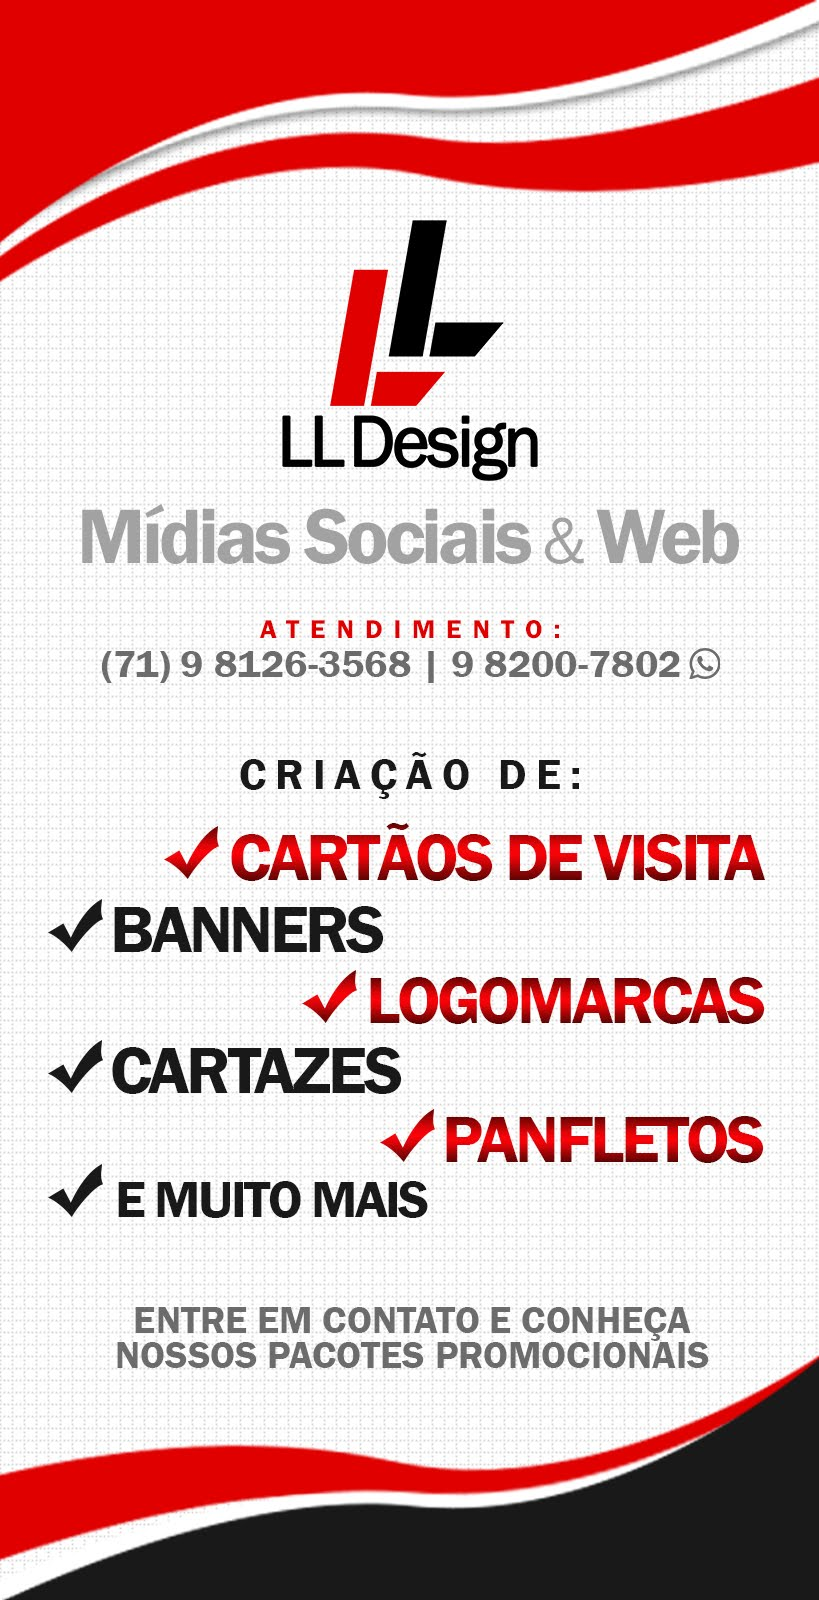 LL DESIGN - MÍDIAS SOCIAIS E WEB